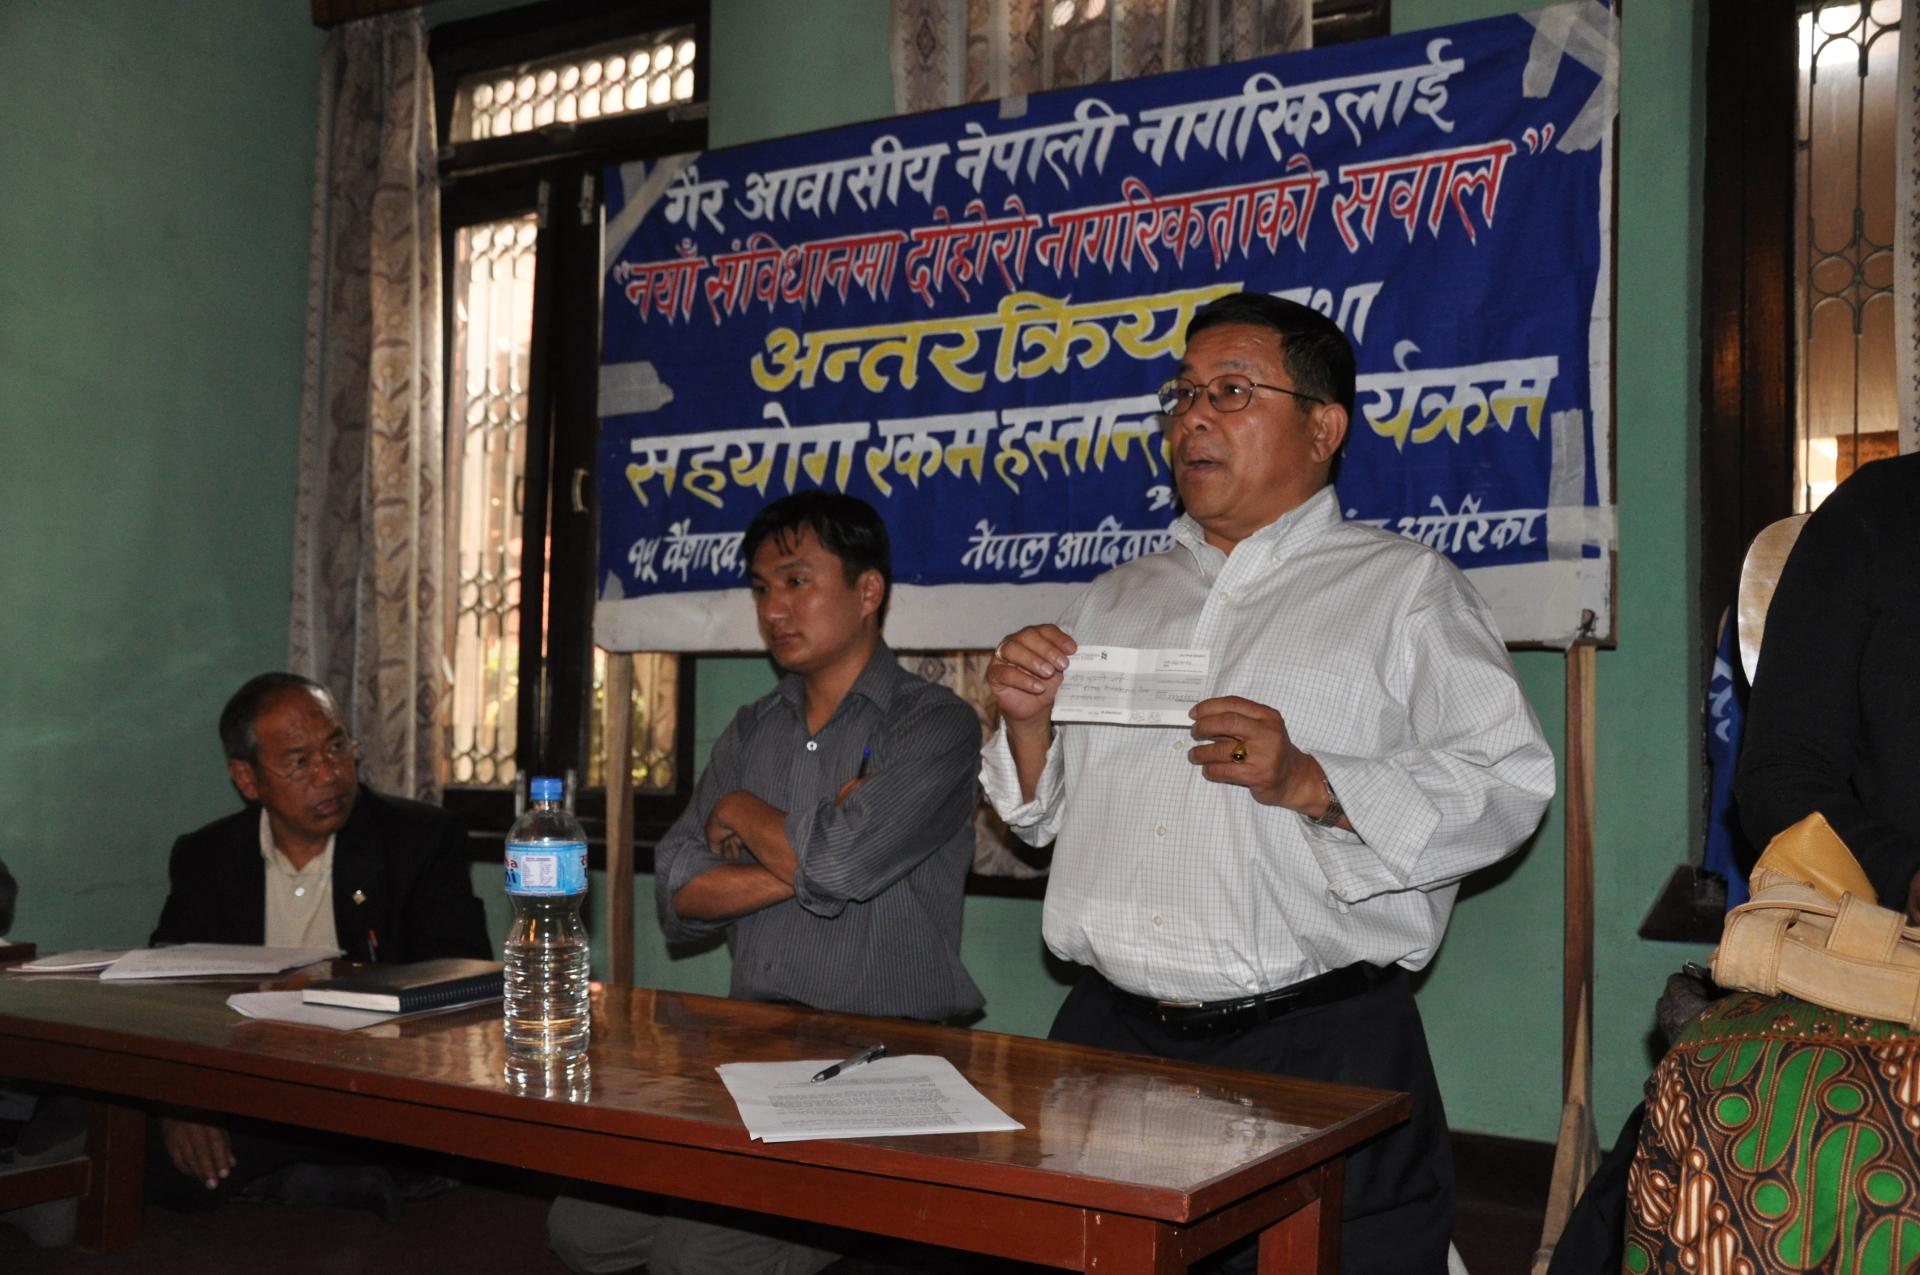 President Shiv K Rai